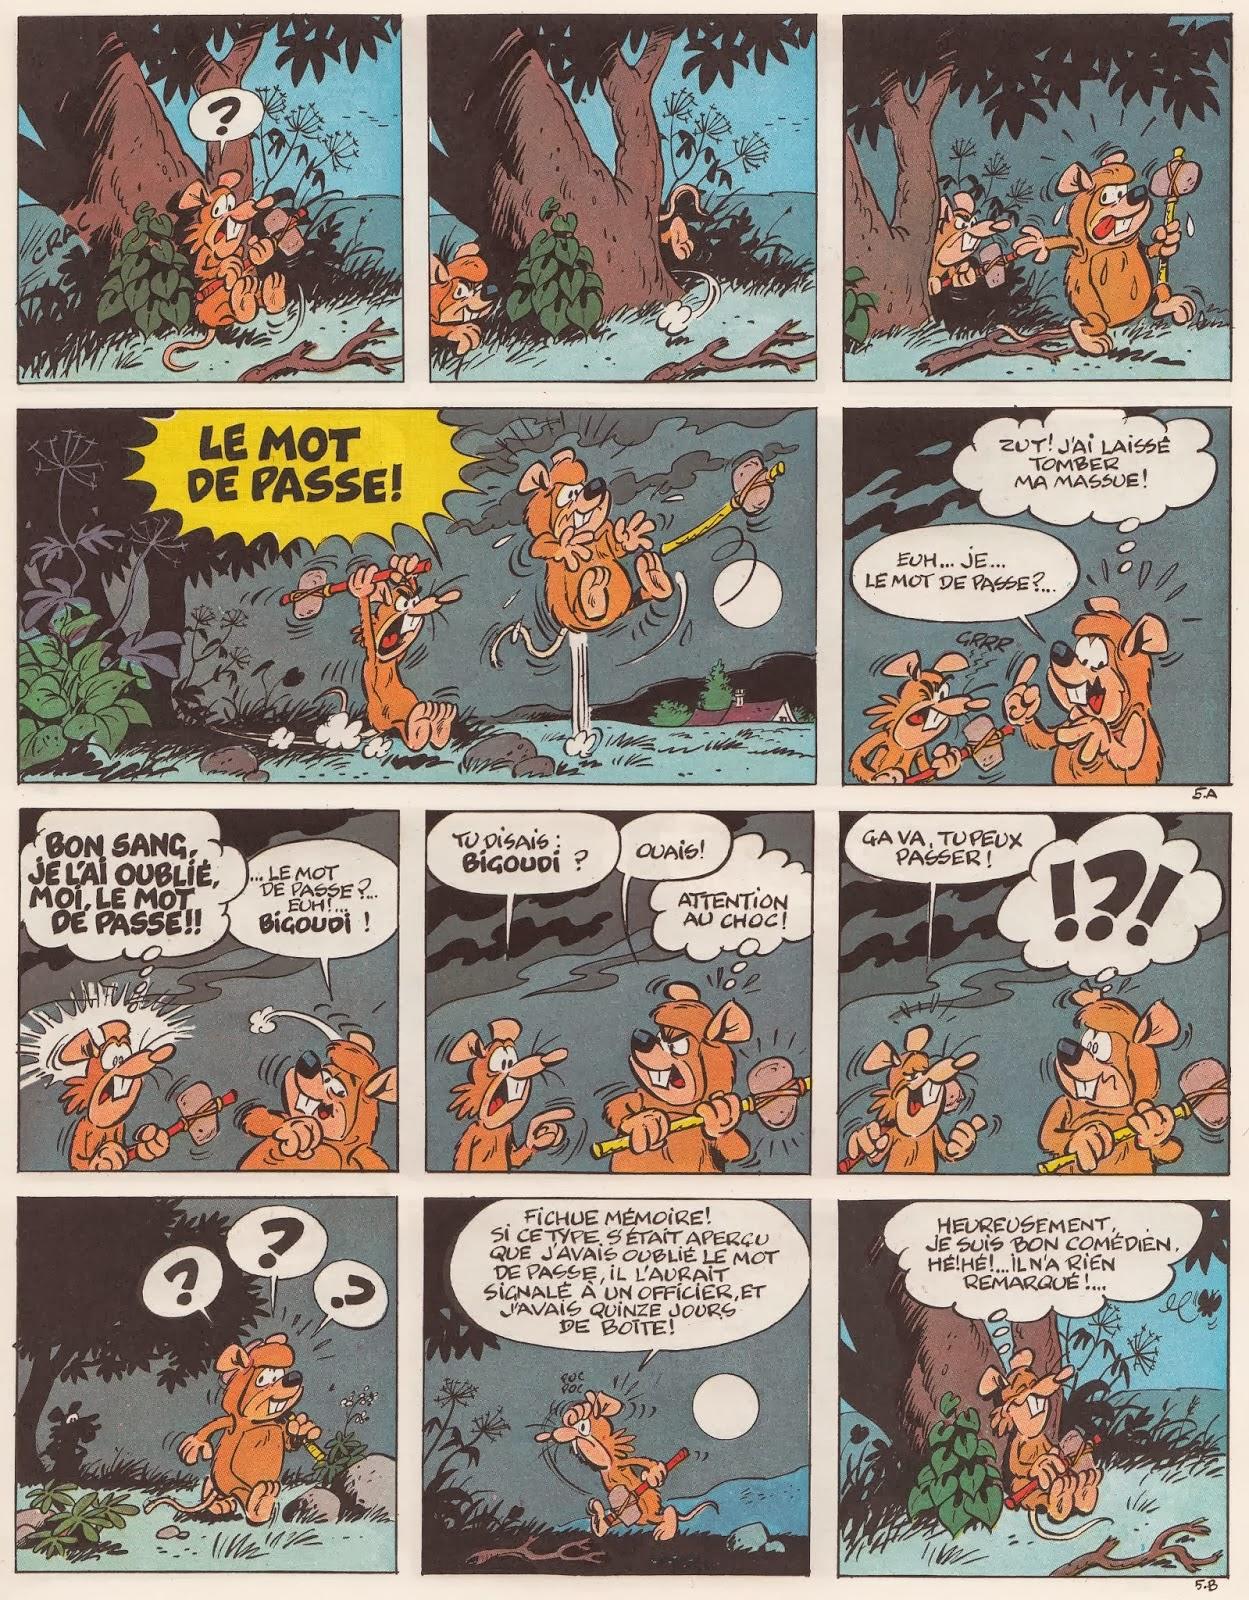 Célébrité de la bande dessinée nue